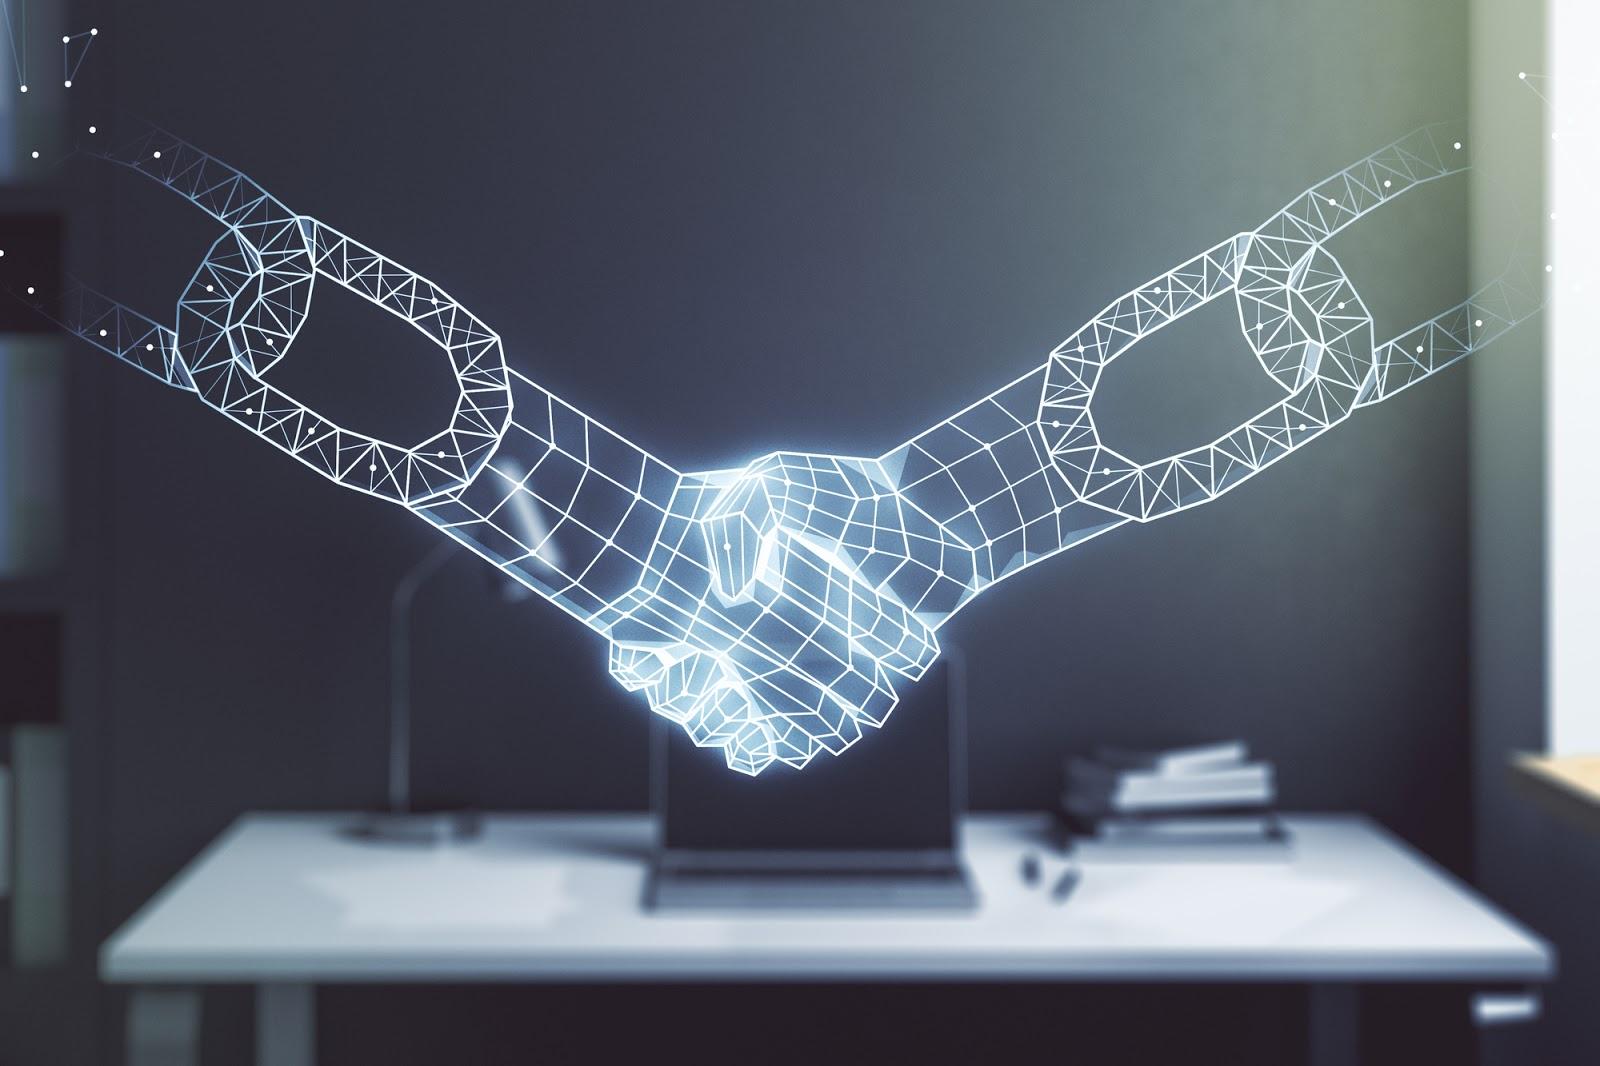 A Harmony & Terra egyesíti az erőket, hogy a decentralizált pénzügyi átfogó elfogadásra összpontosítson